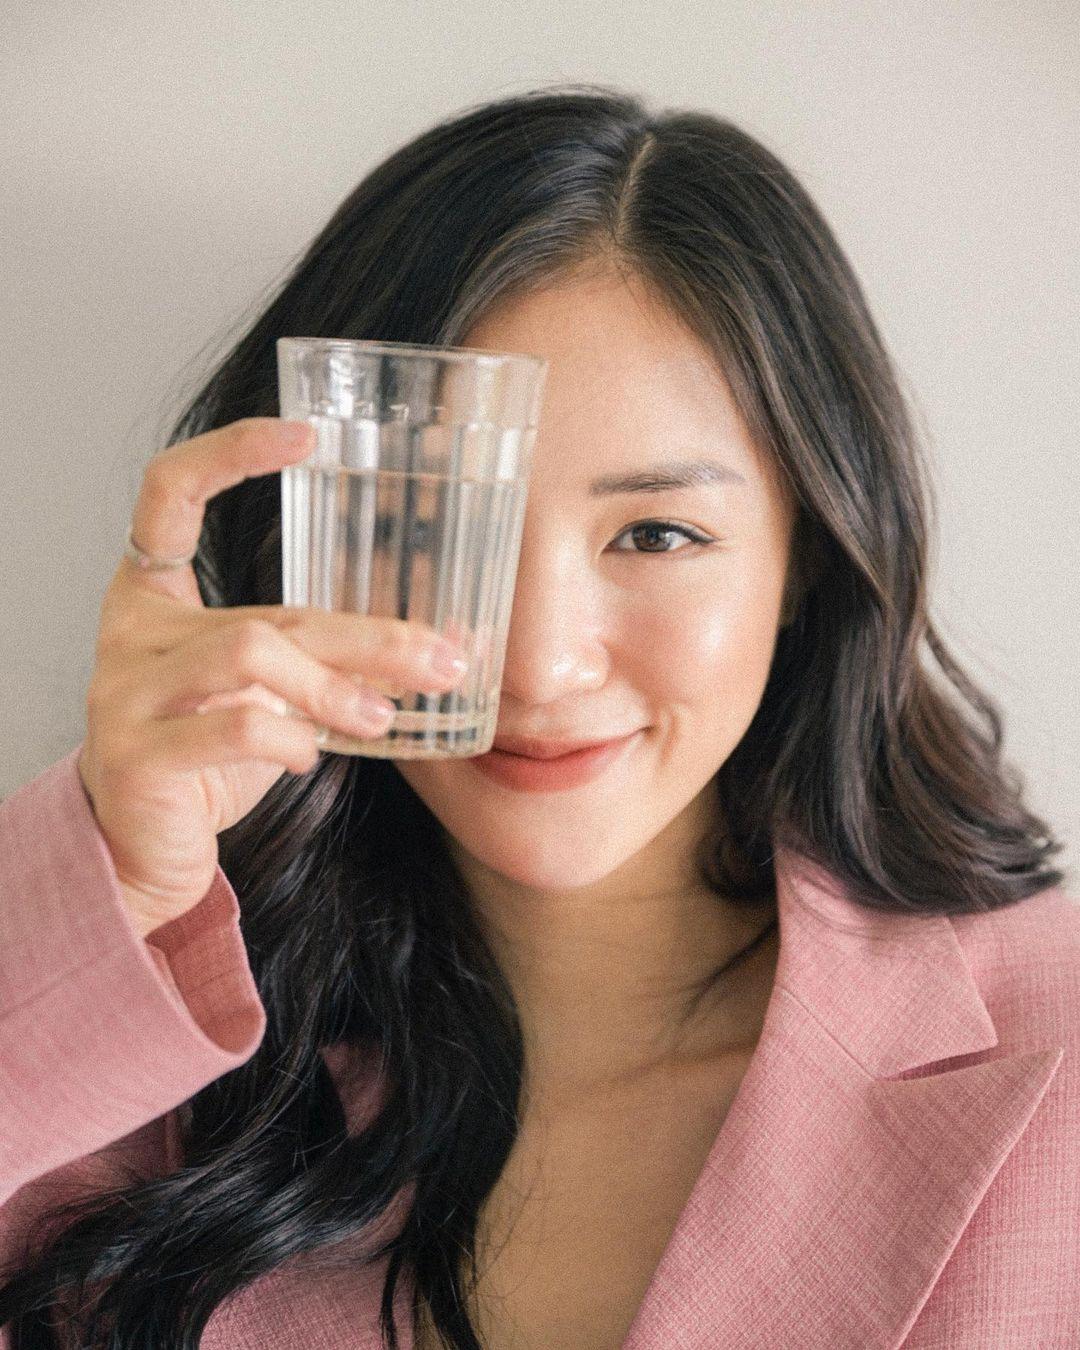 Uống Nước Không Ăn Có Giảm Cân?